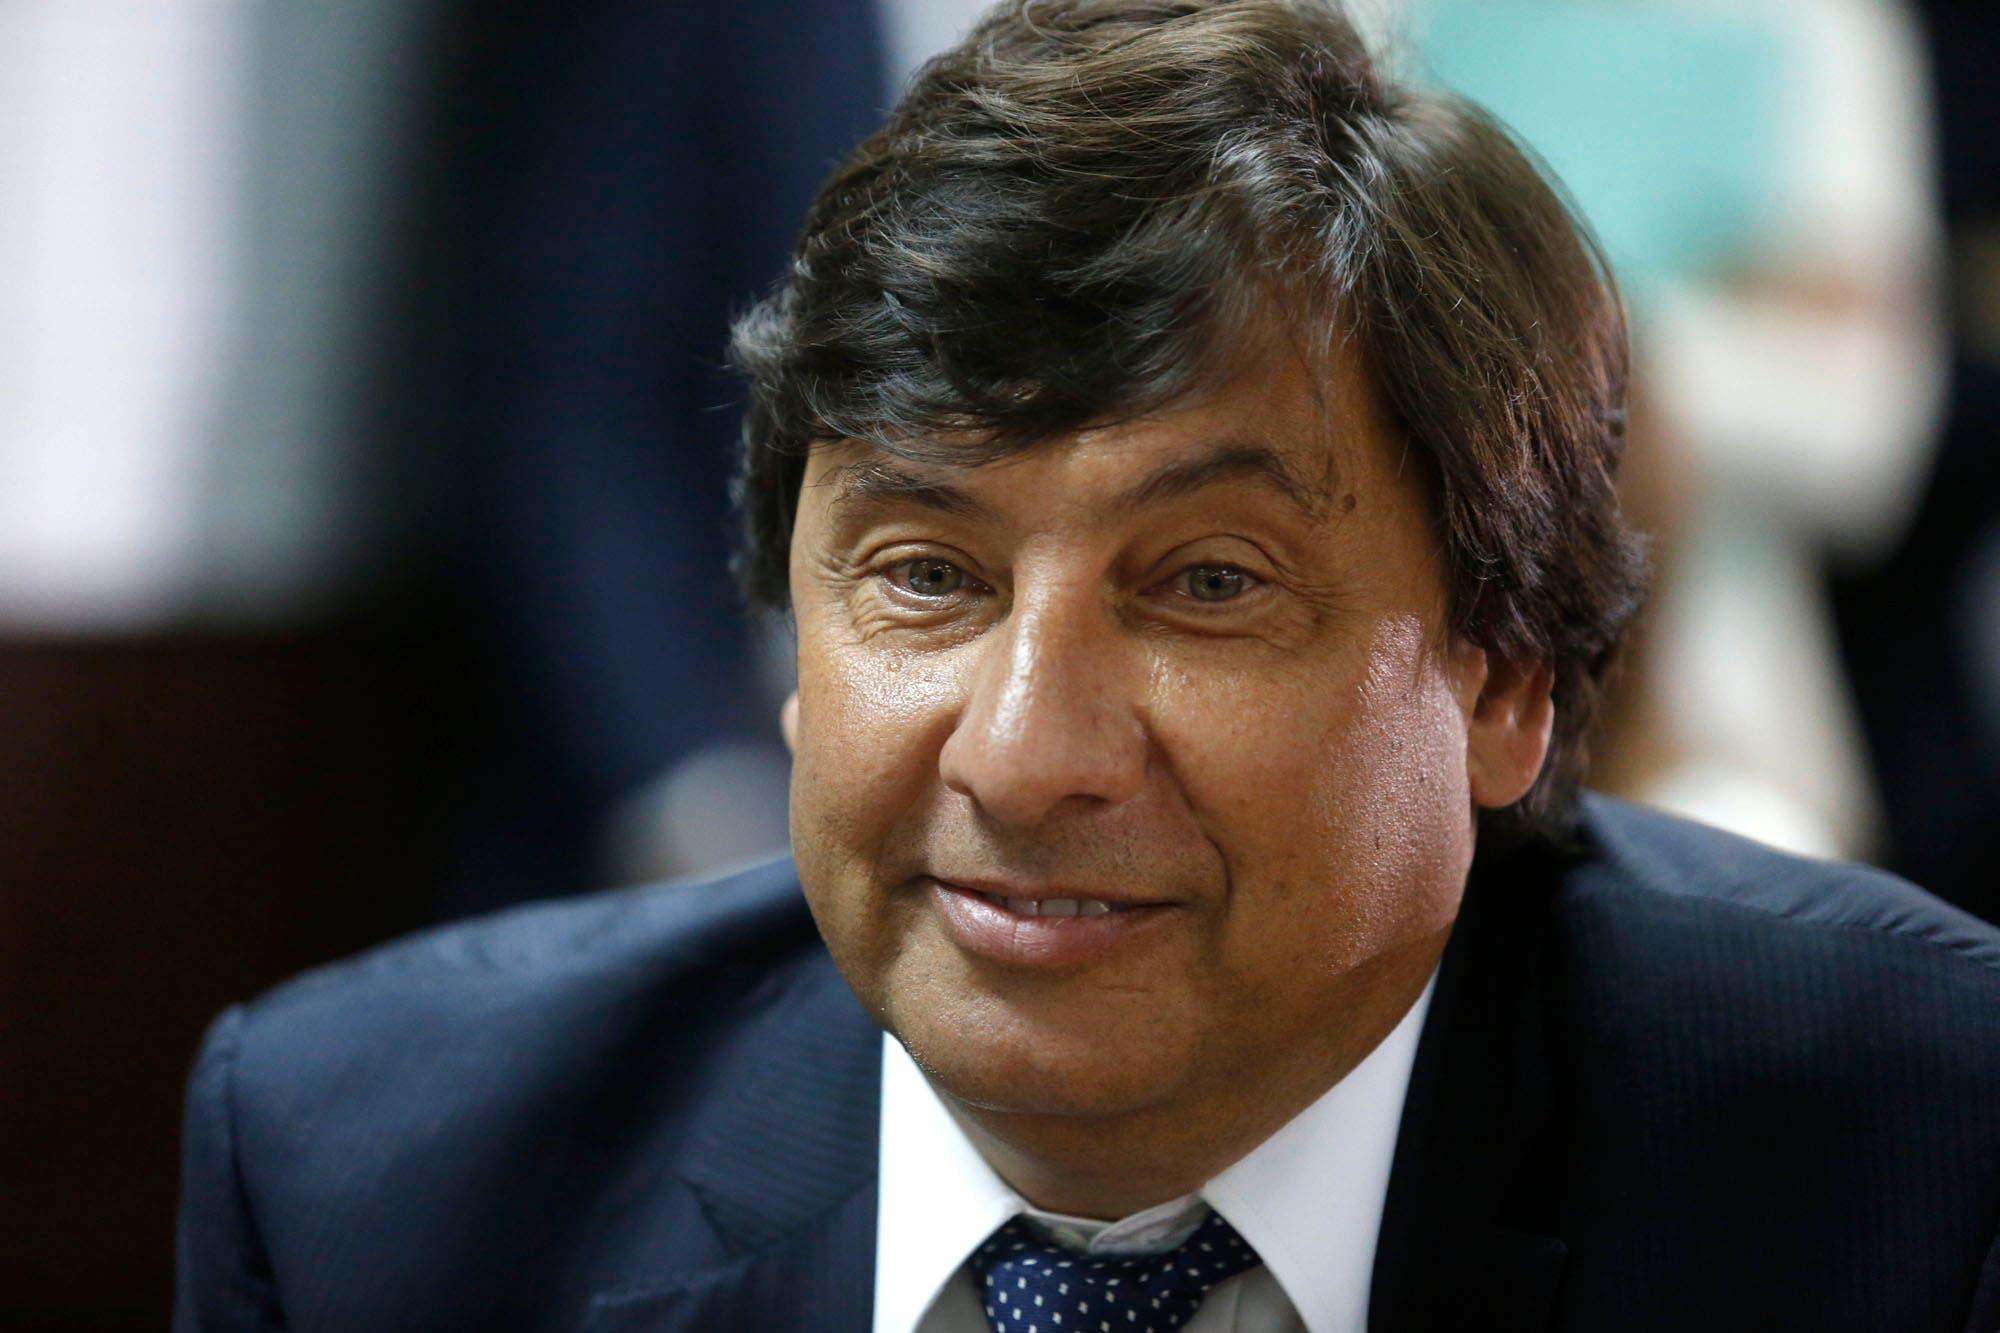 El destituido juez Eduardo Freiler denunció a los exconsejeros que promovieron el traslado del camarista Leopoldo Bruglia